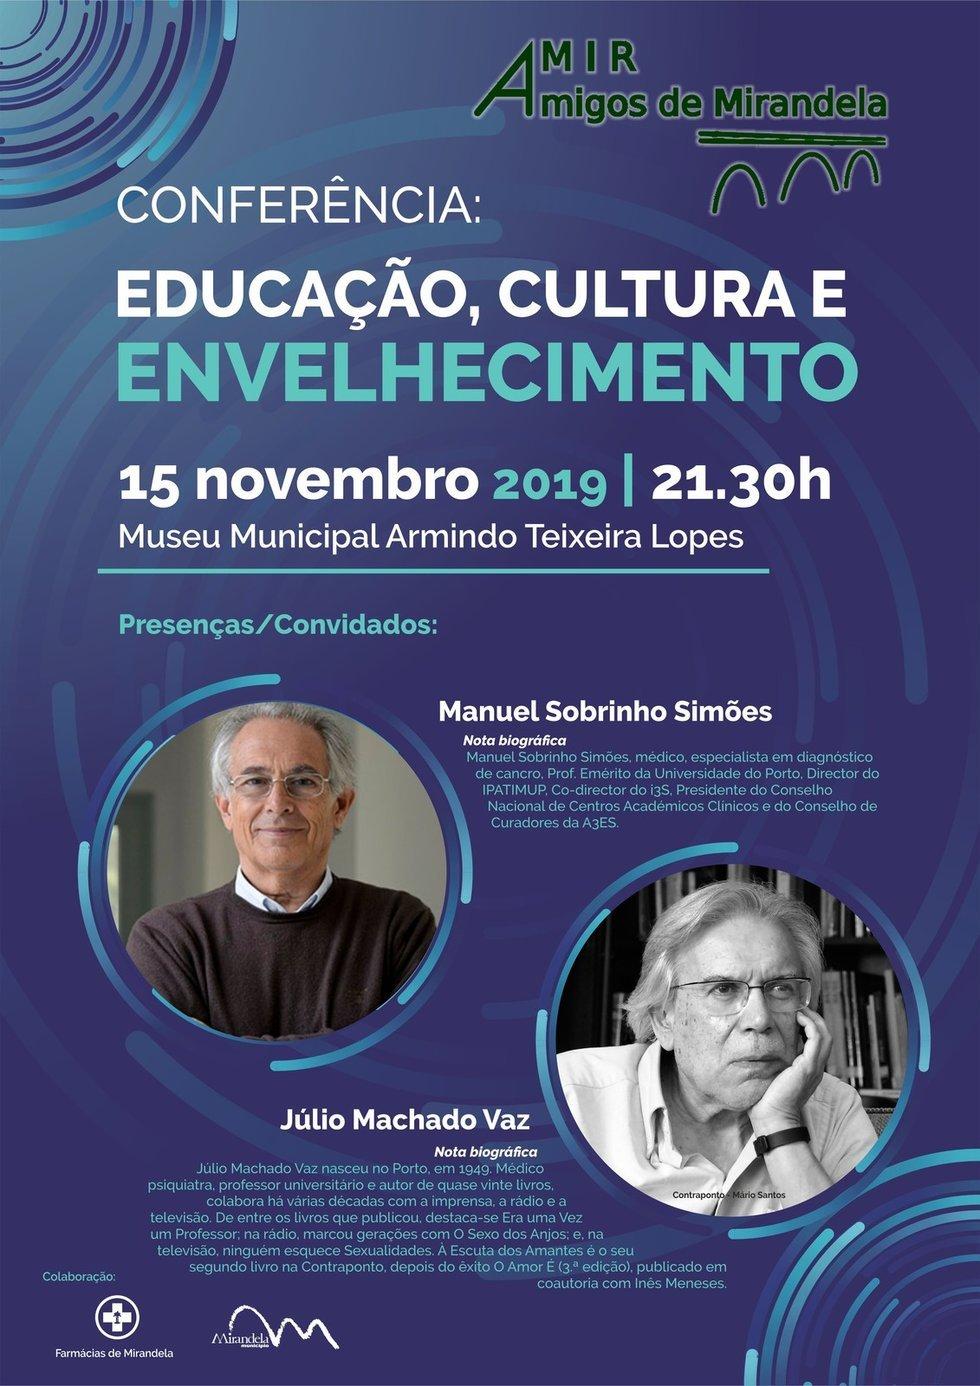 Conferência Educação, Cultura e Envelhecimento